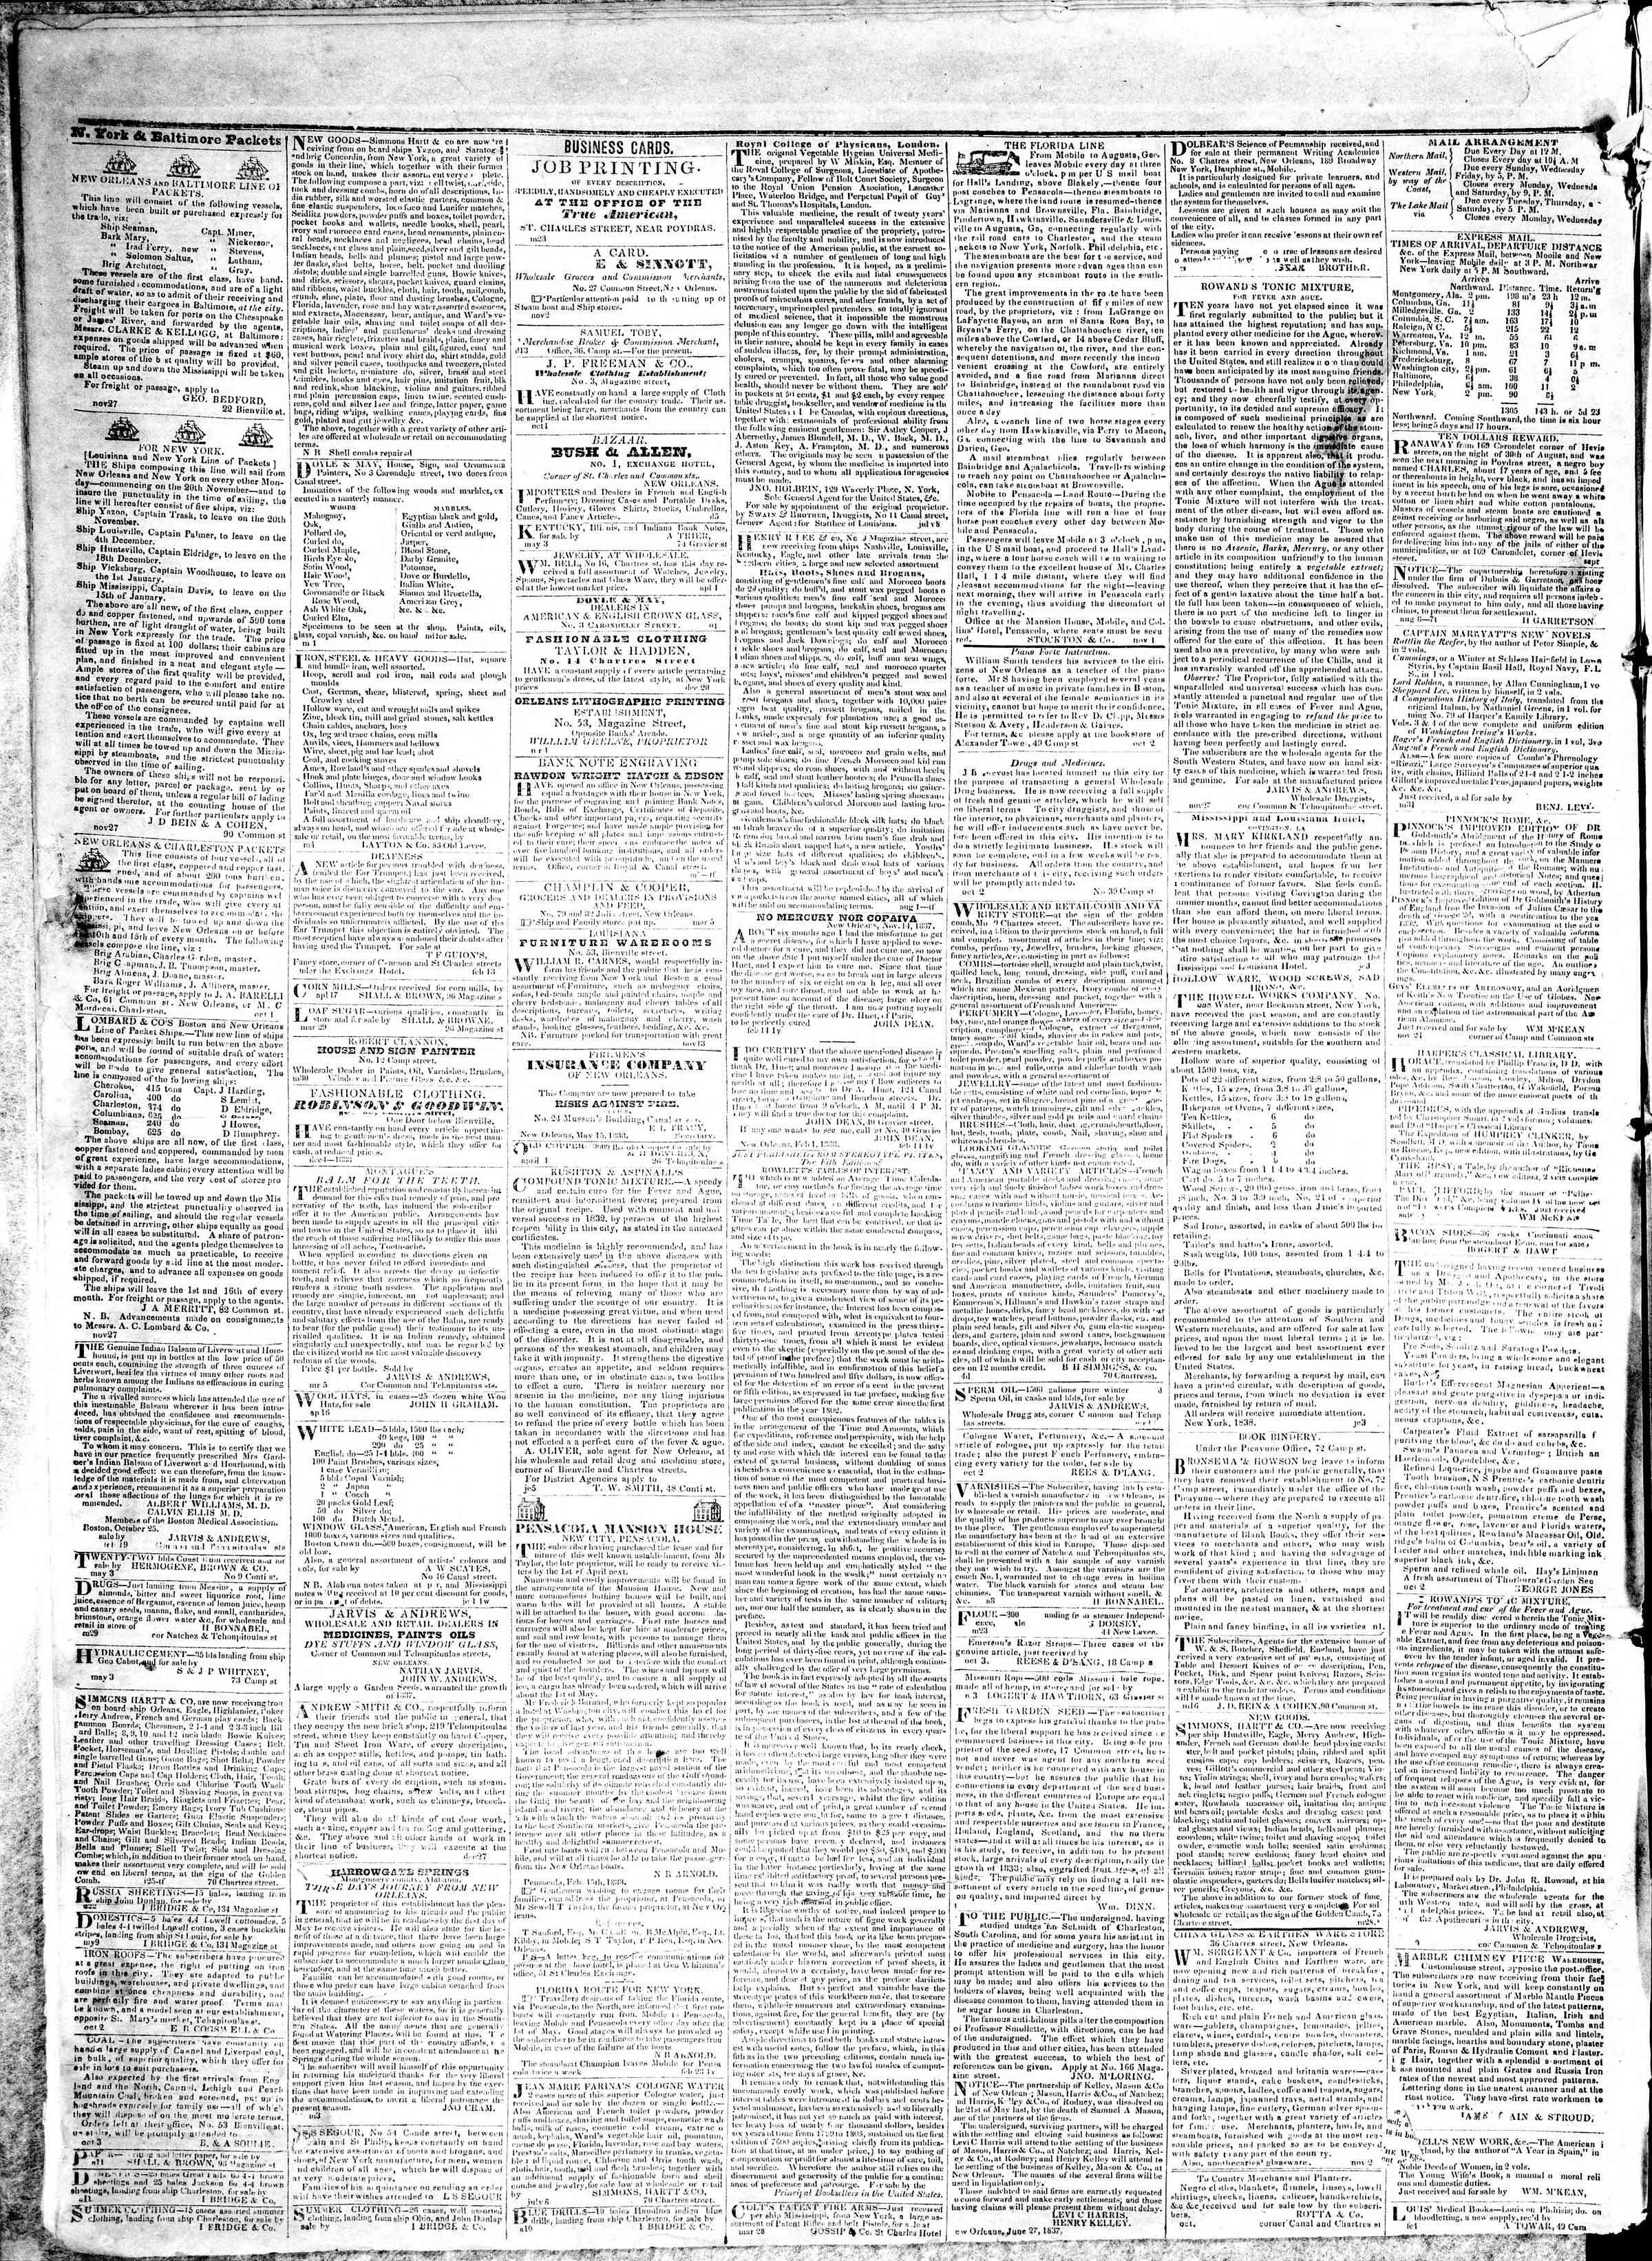 May 15, 1839 Tarihli True American Gazetesi Sayfa 4